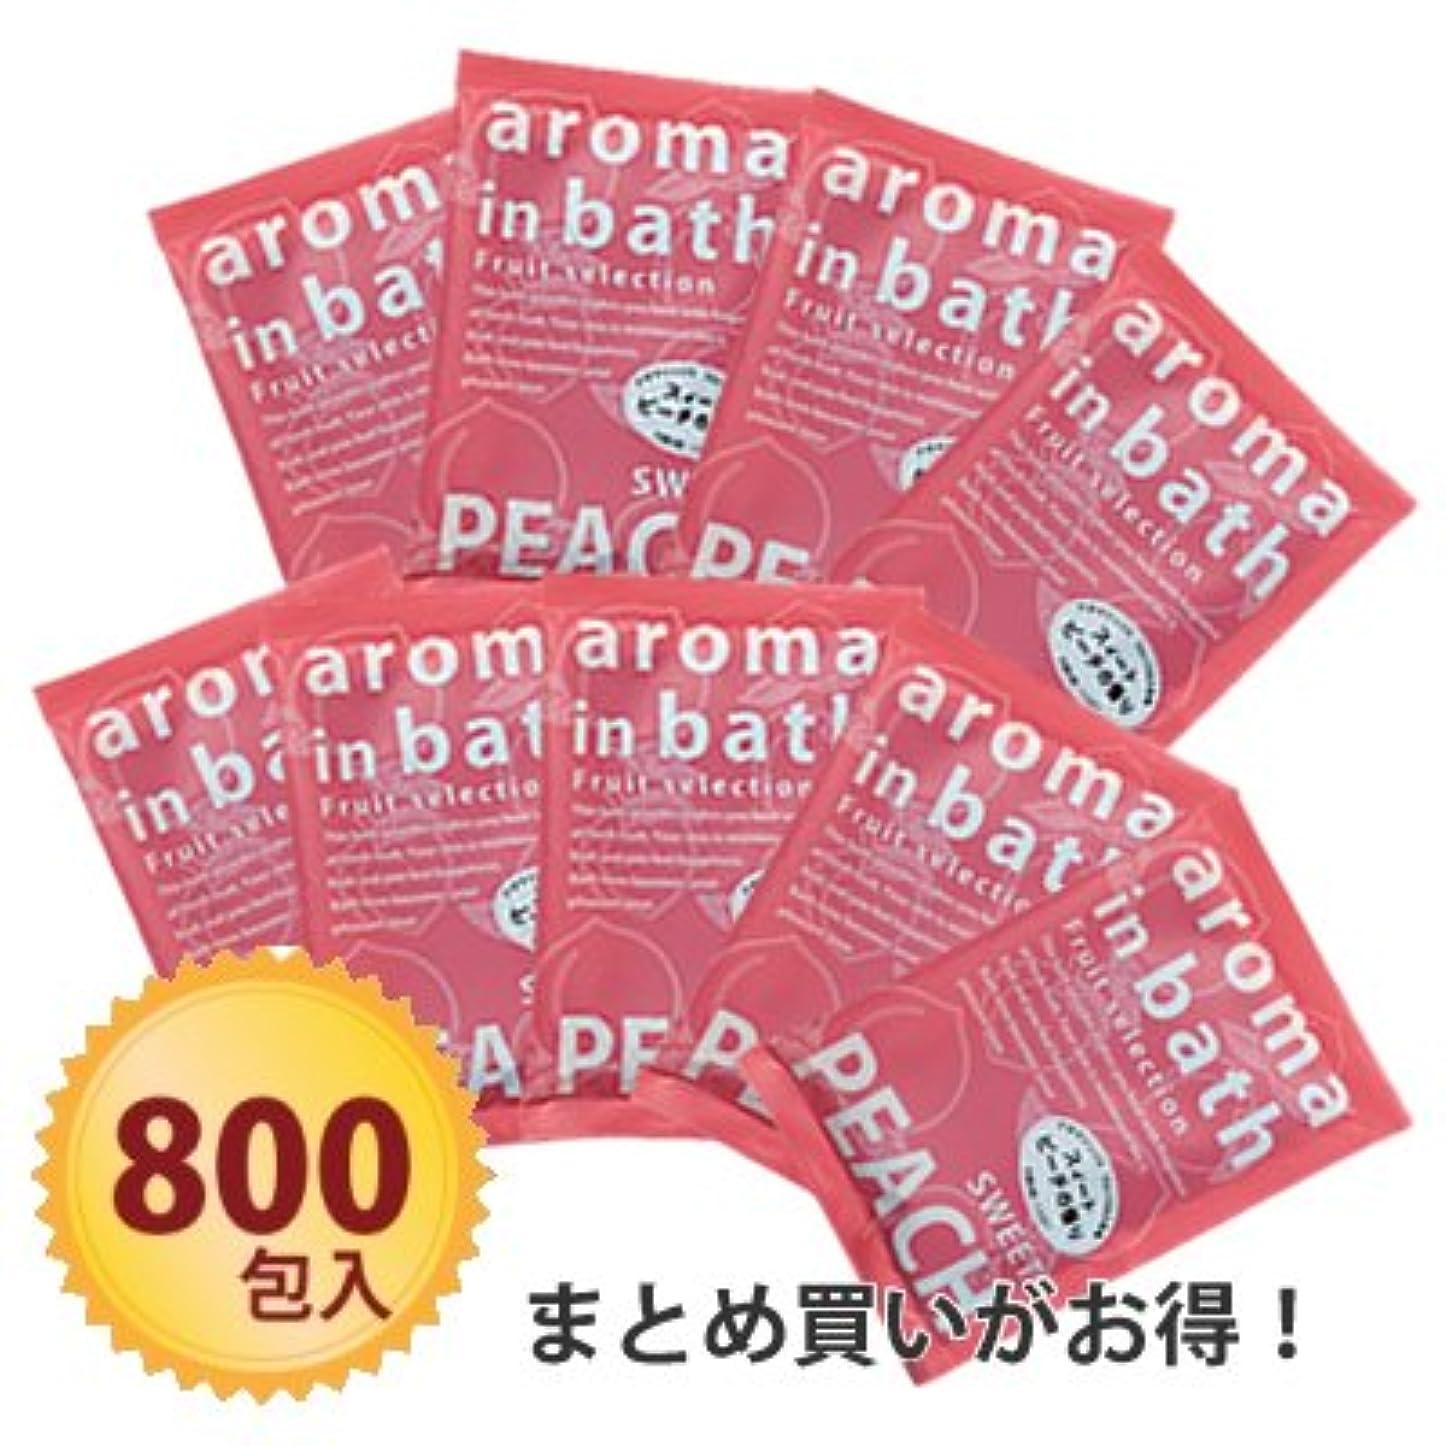 中傷破壊する事業粉体入浴料 アロマインバス25g スイートピーチ ×800個